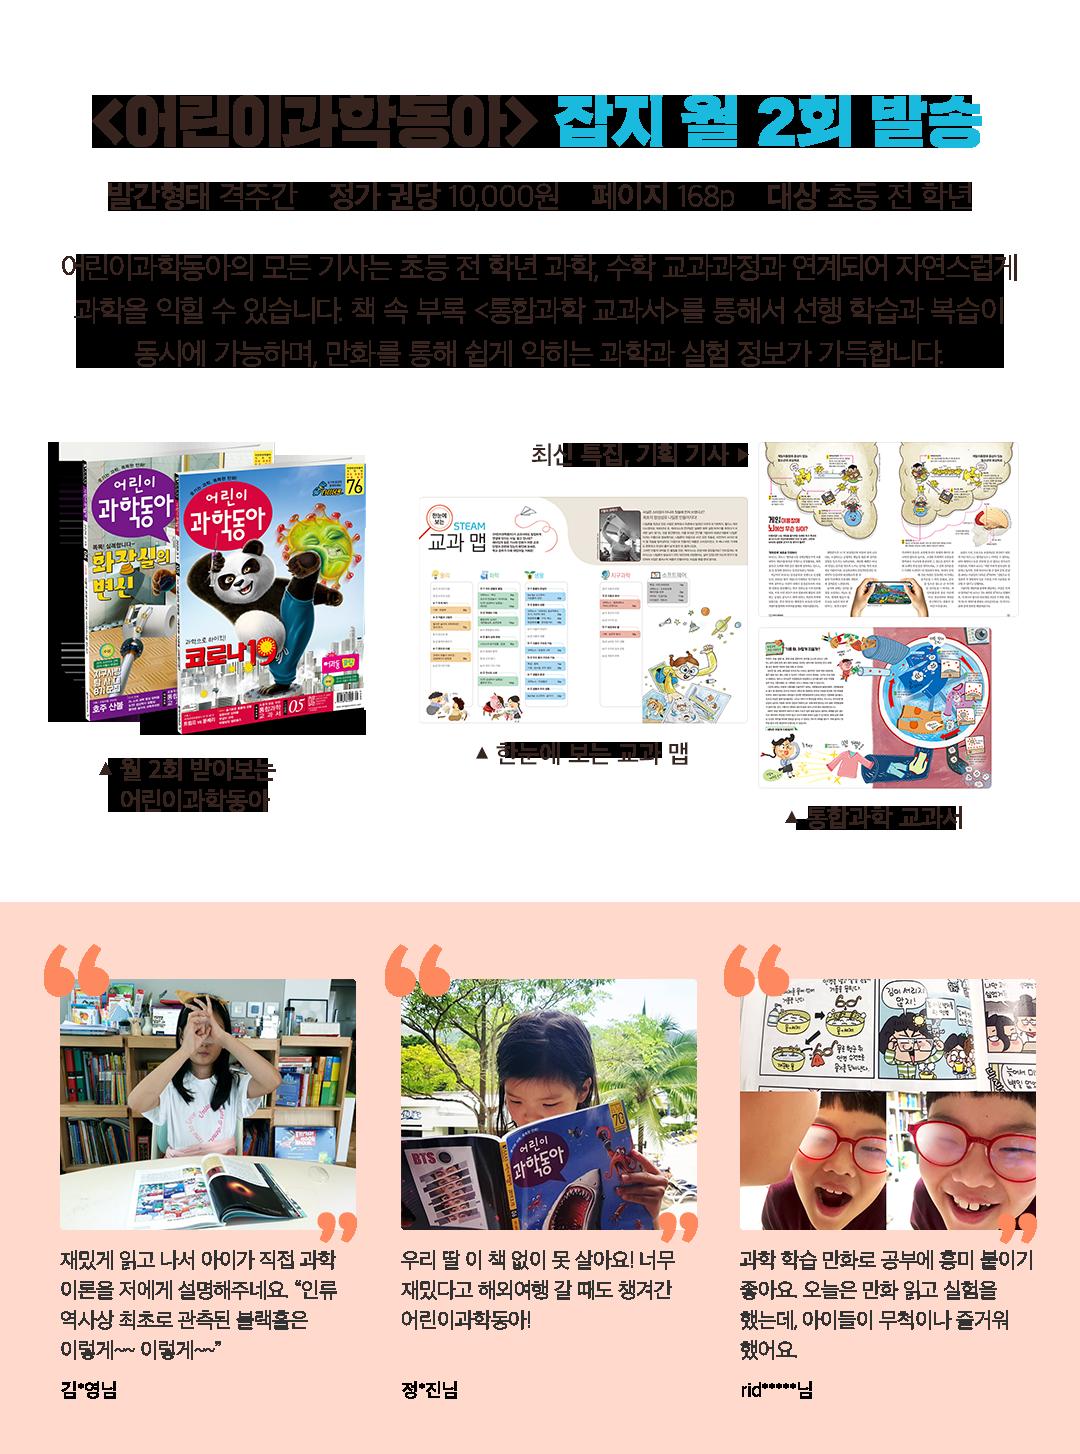 어린이과학동아 잡지 월 2회 발송